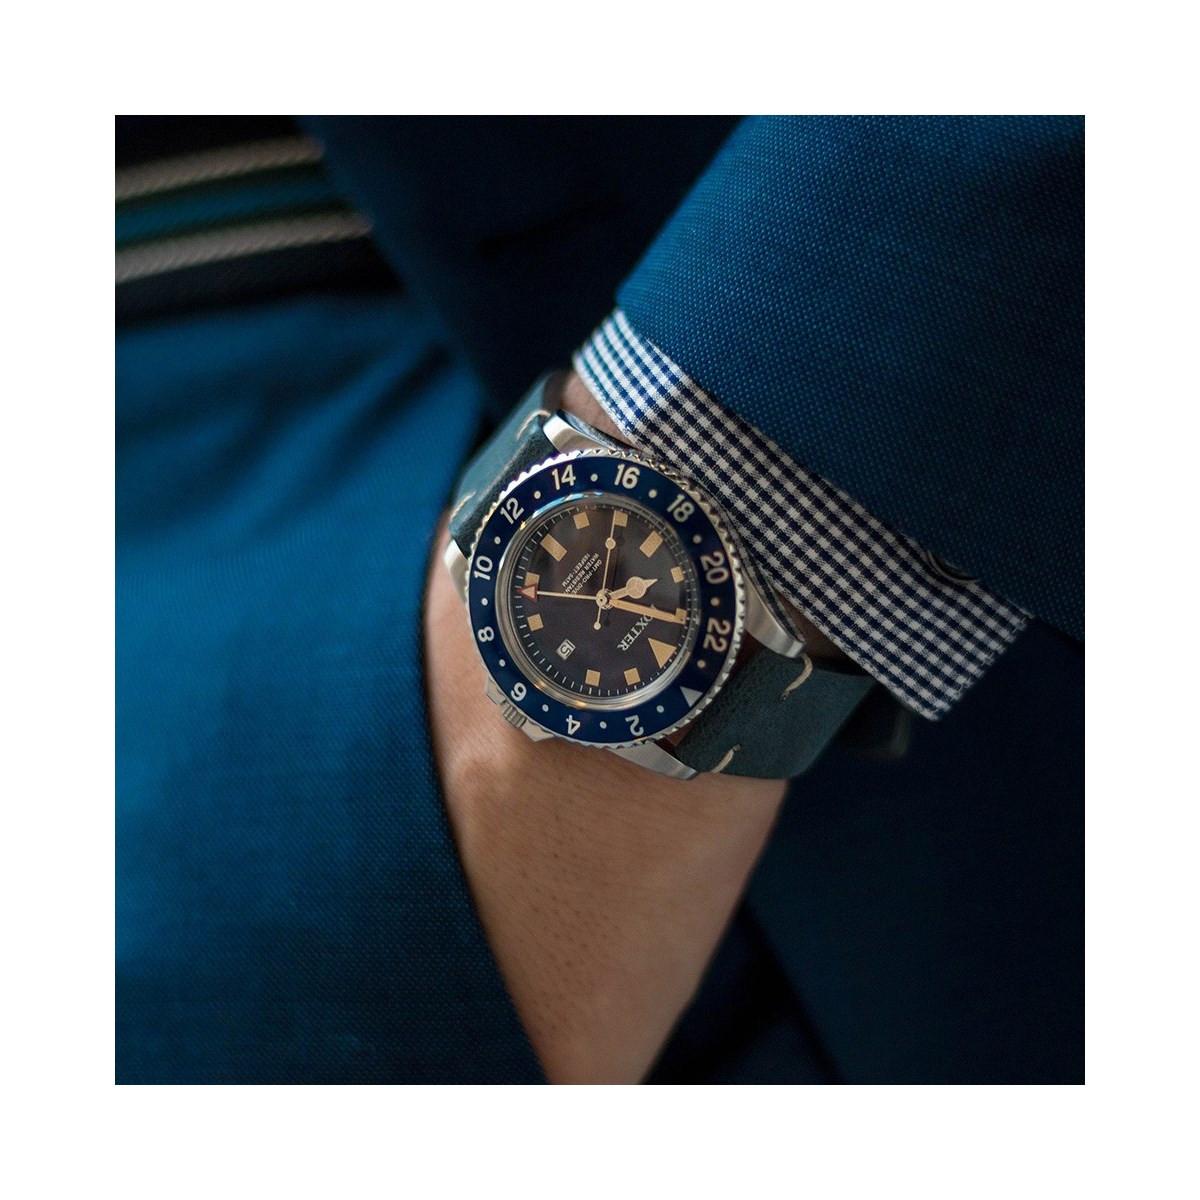 Foxter Cuir Homme Bracelet Bleu Montre Acier Boitier Fond Sixties fbg6y7